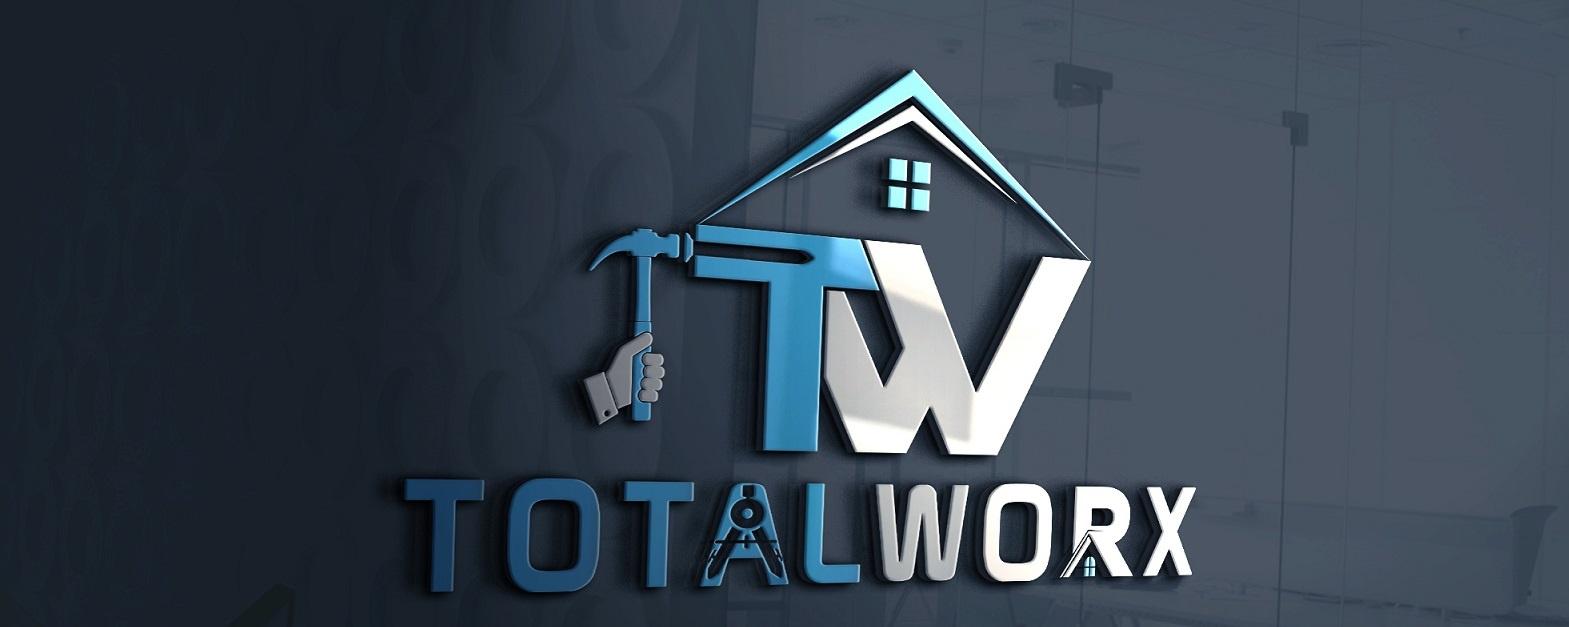 Totalworx is jouw betrouwbare partner om jouw woning totaal aan te pakken.